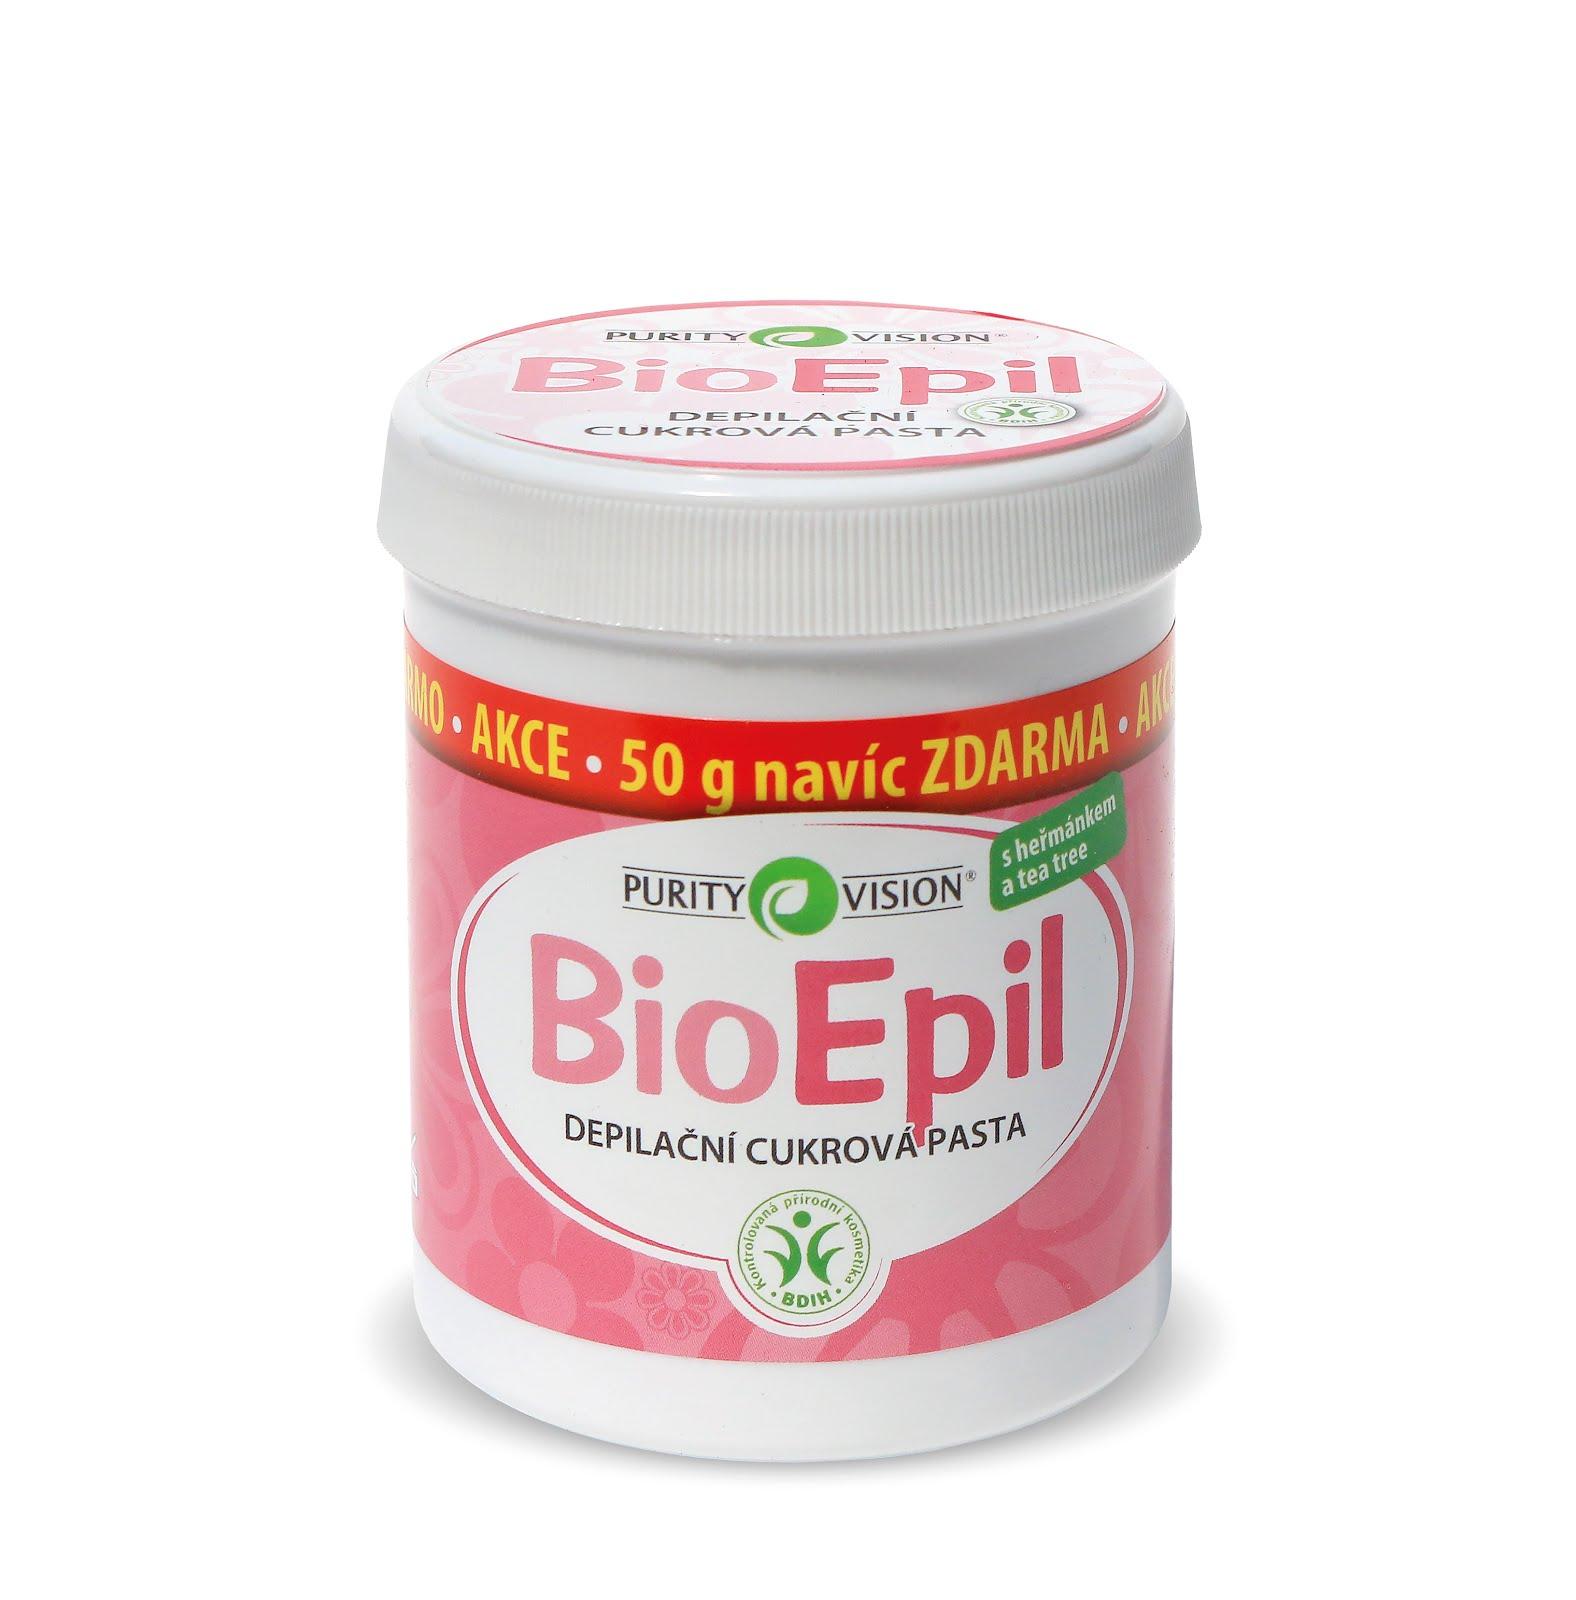 BioEpil Depilační cukrová pasta